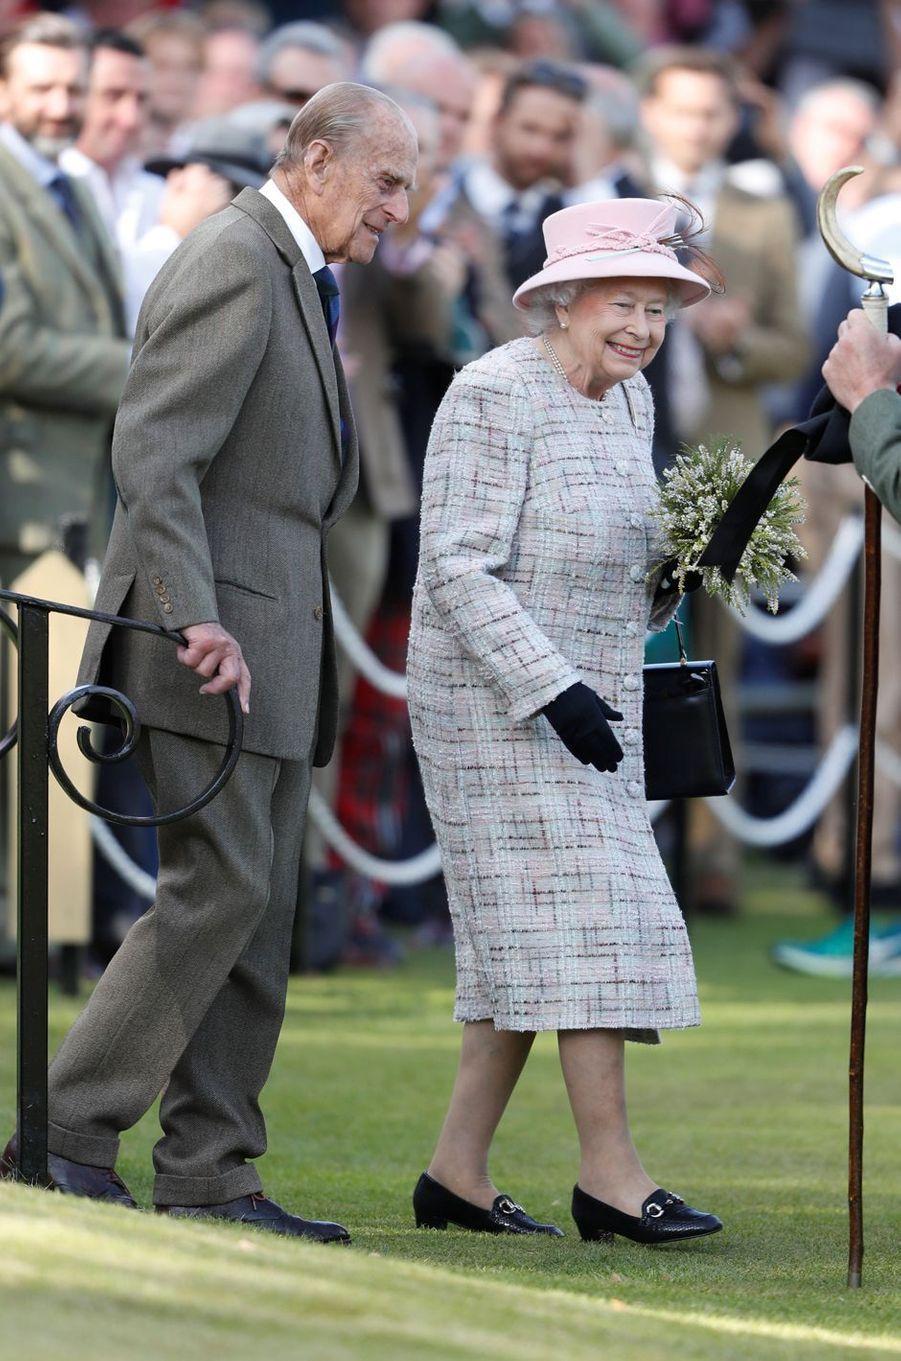 La reine Elizabeth II et le prince Philip au Highlands Braemar Gathering en Ecosse, le 2 septembre 2017